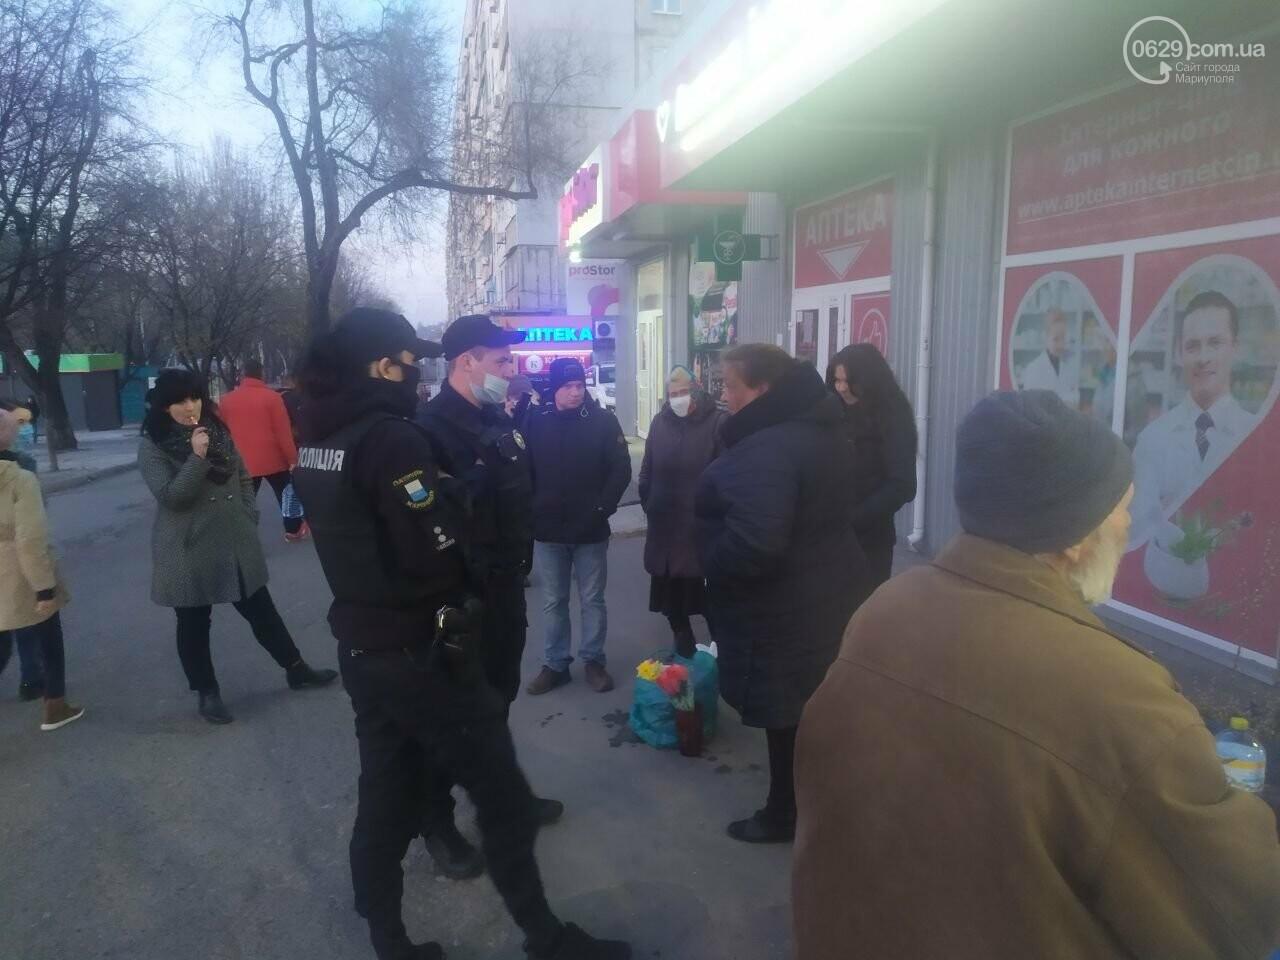 Уличная торговля во время карантина. В Мариуполе продавцы цветов устроили скандал с полицейскими, - ВИДЕО, фото-1